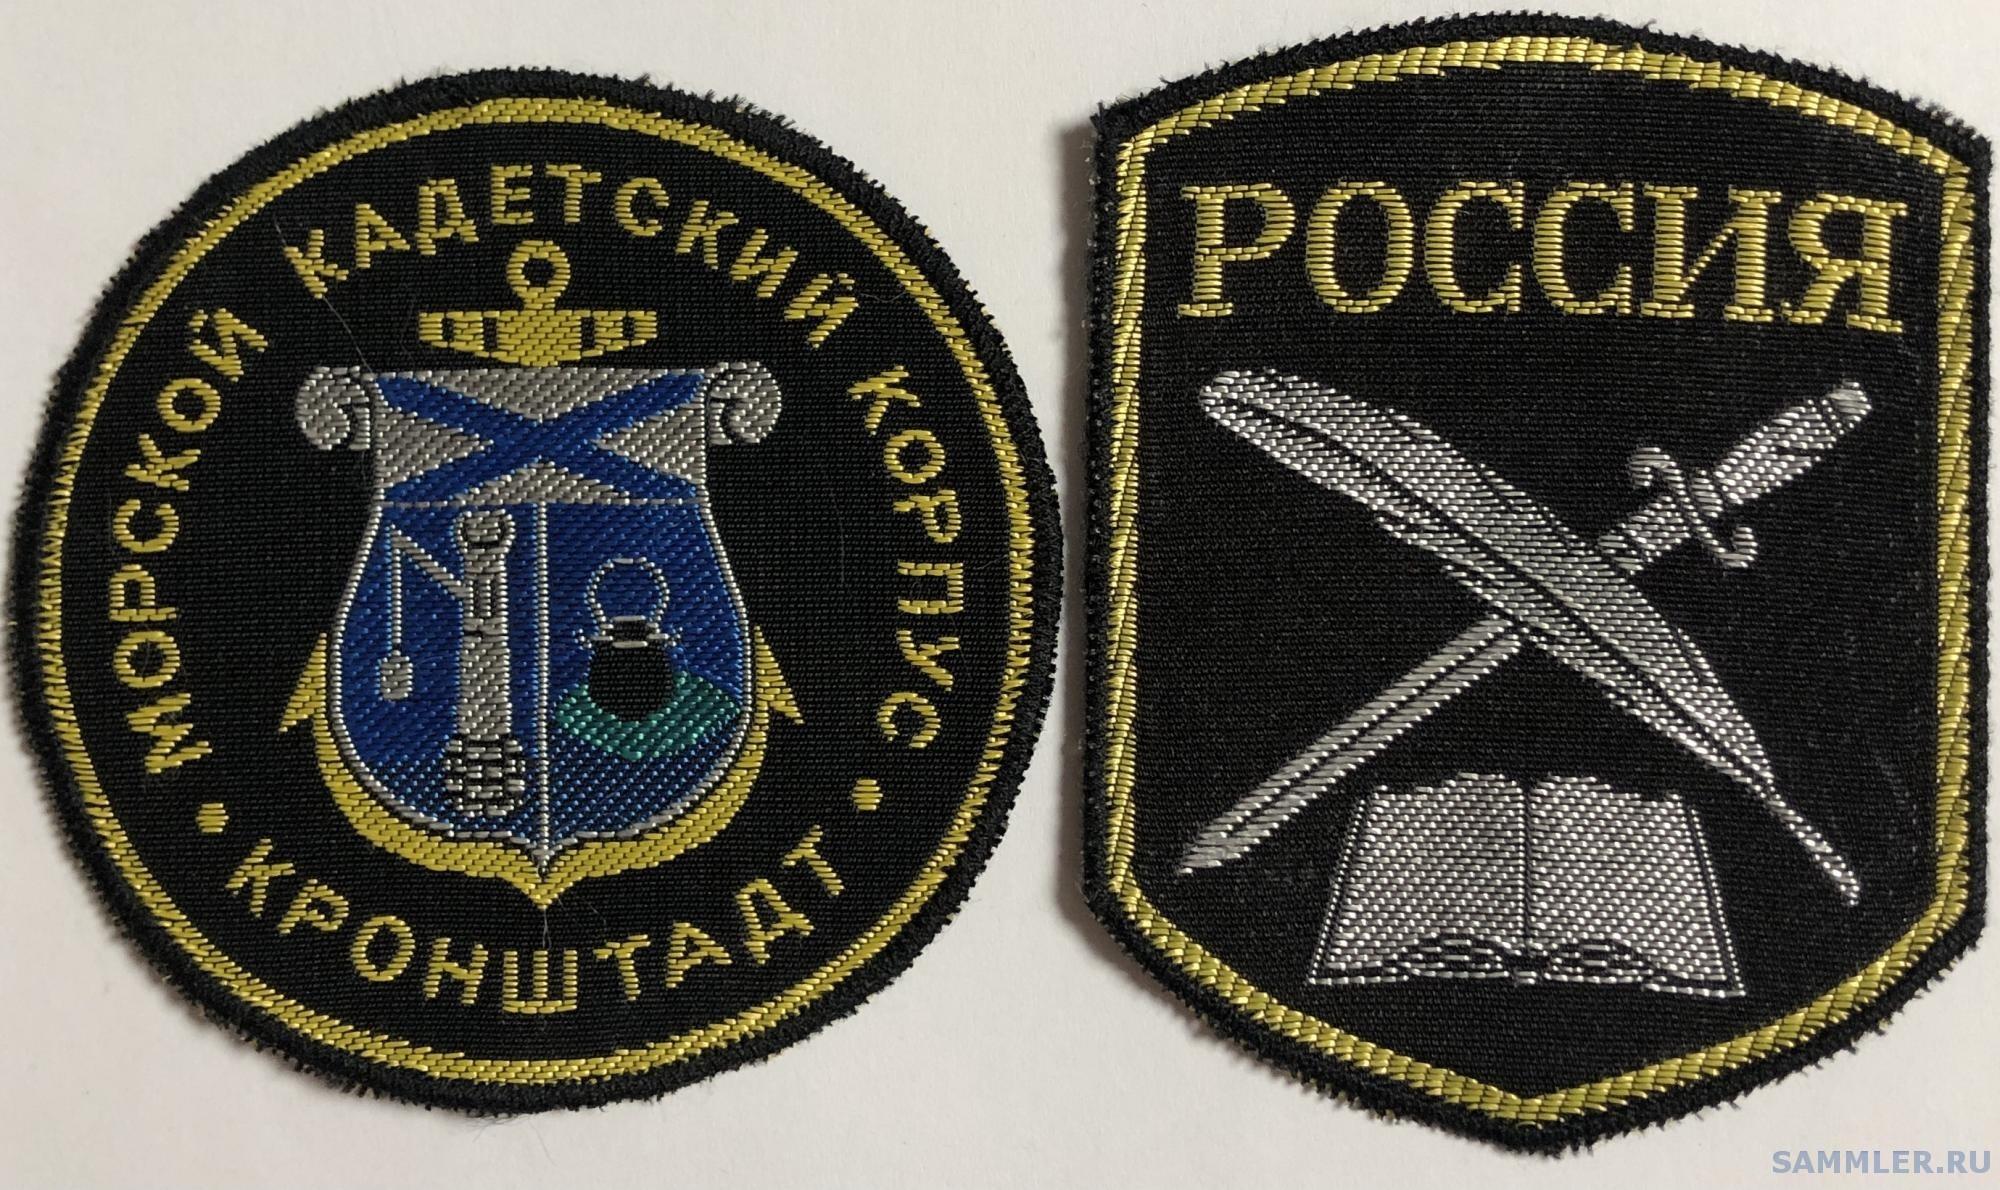 ECCFA287-49DE-4A05-9C5D-662F60B0F698.jpeg